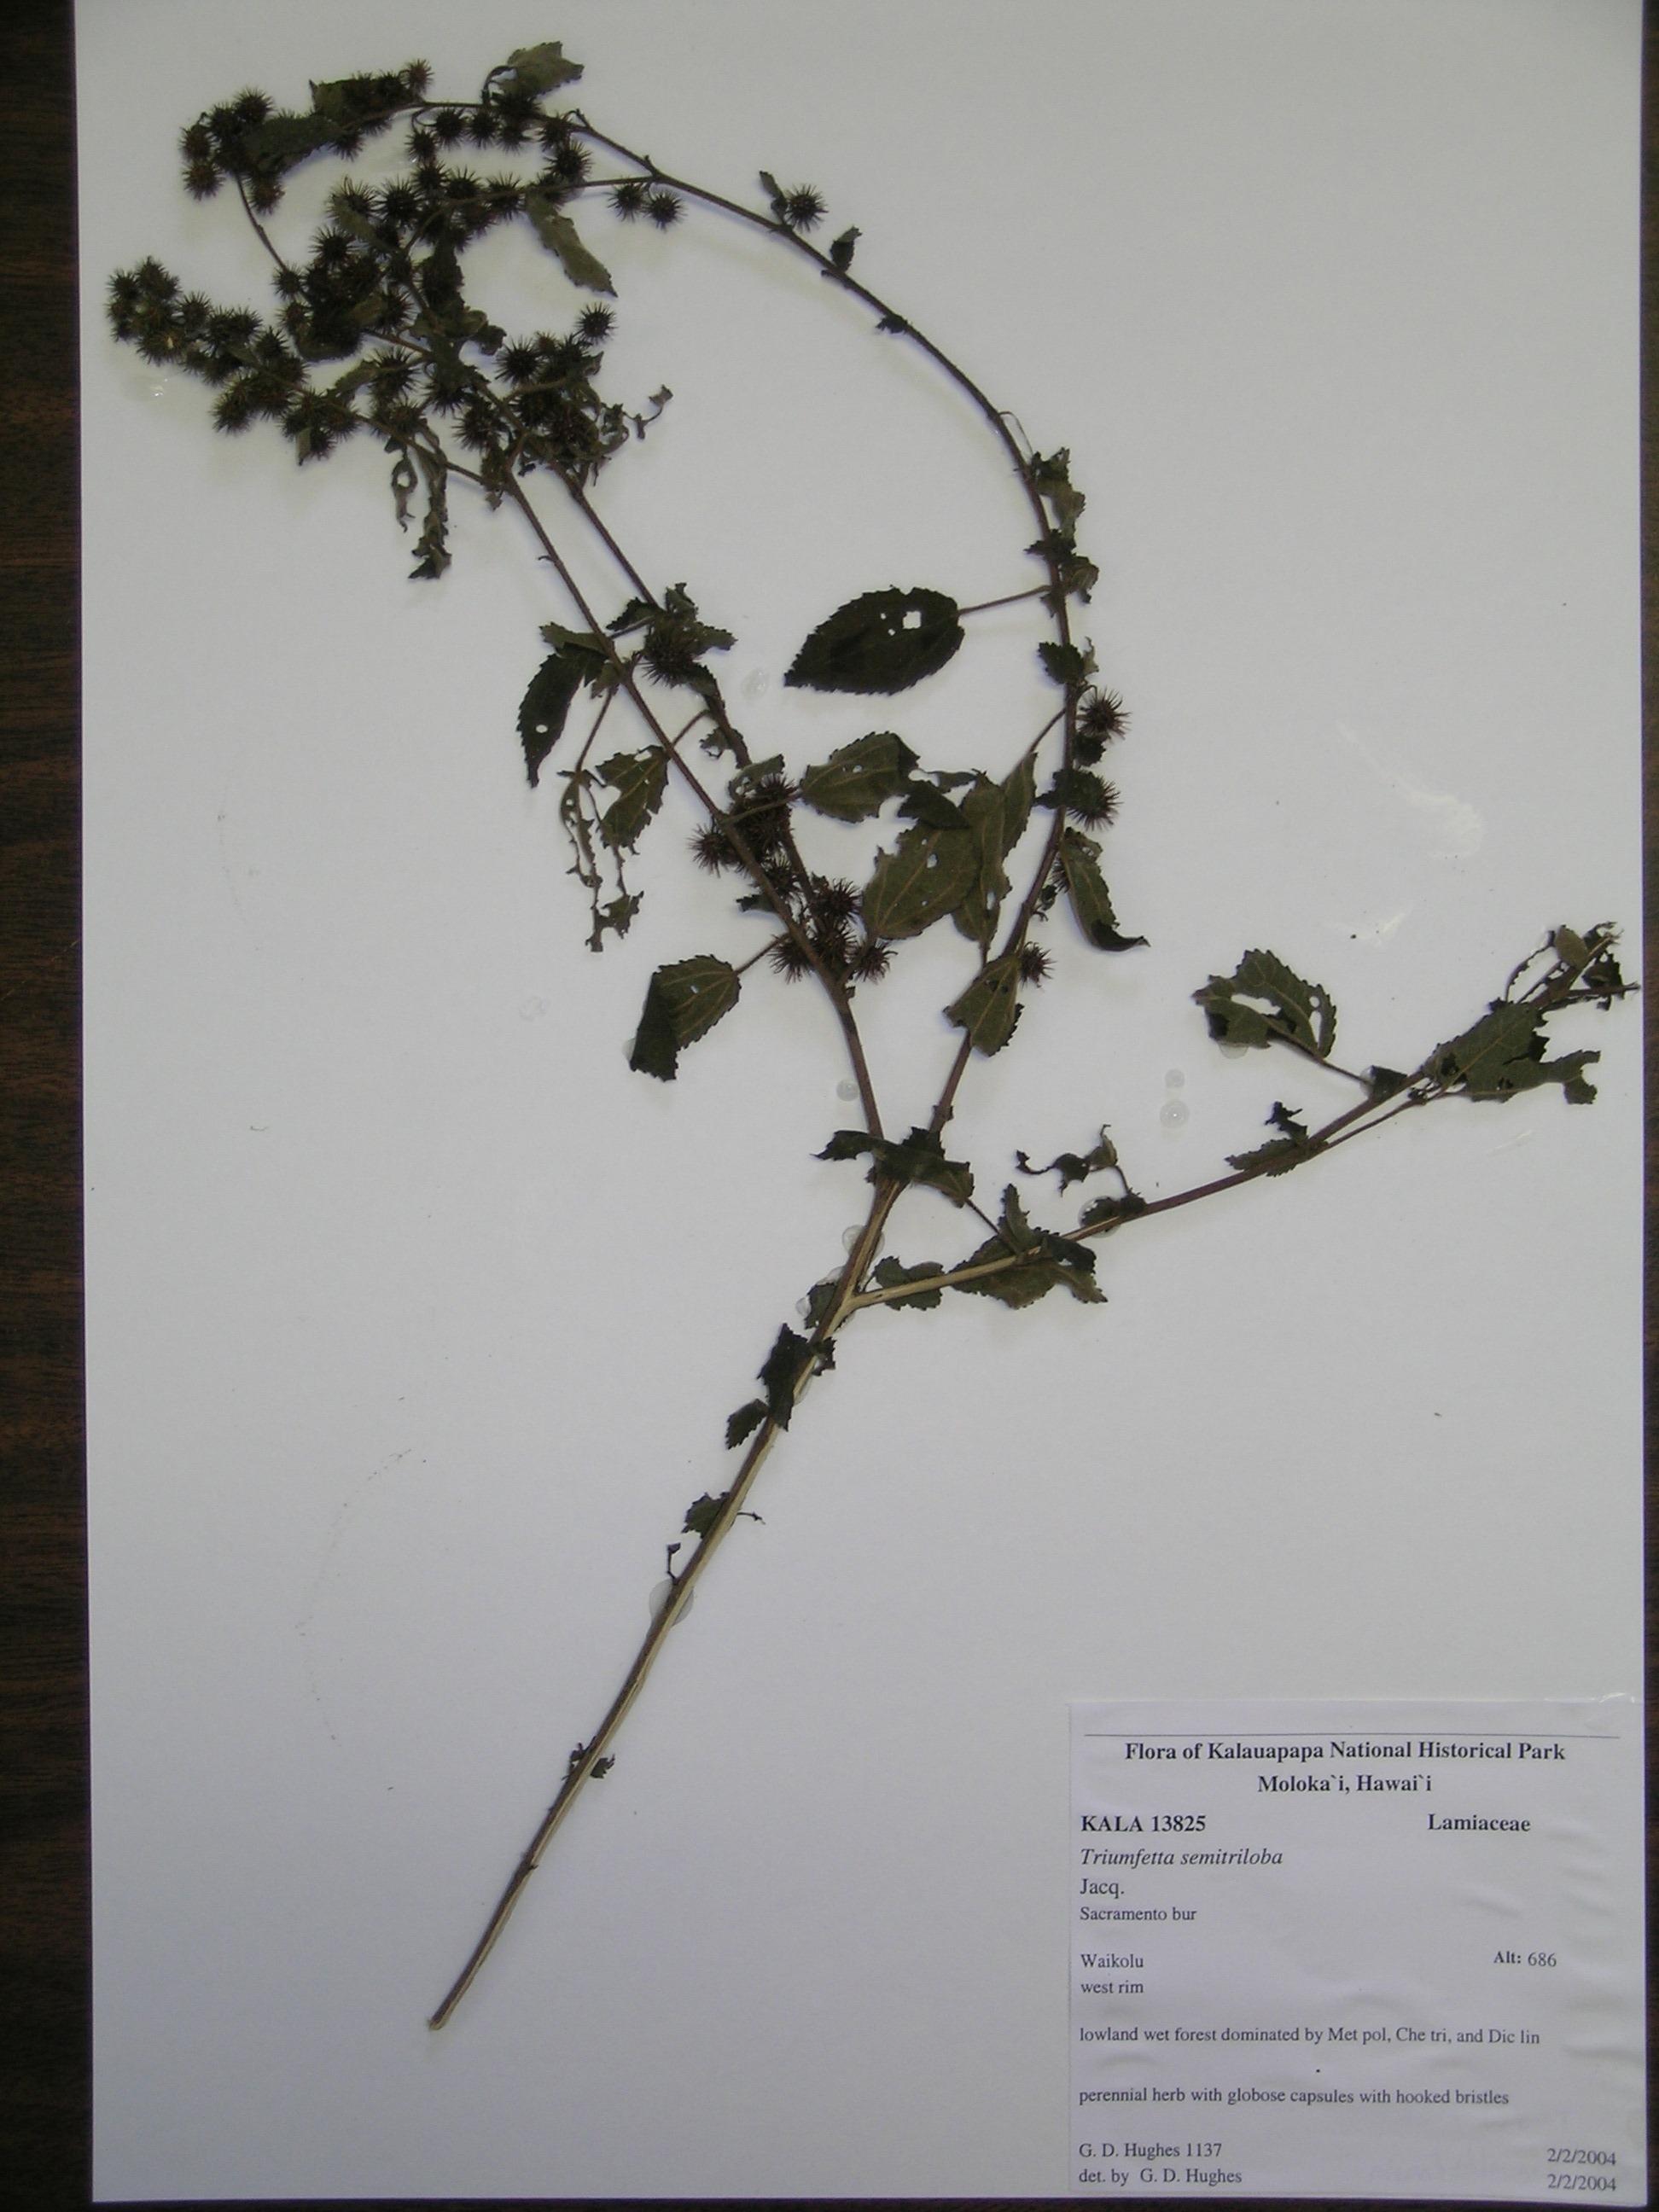 Triumfetta Semitriloba